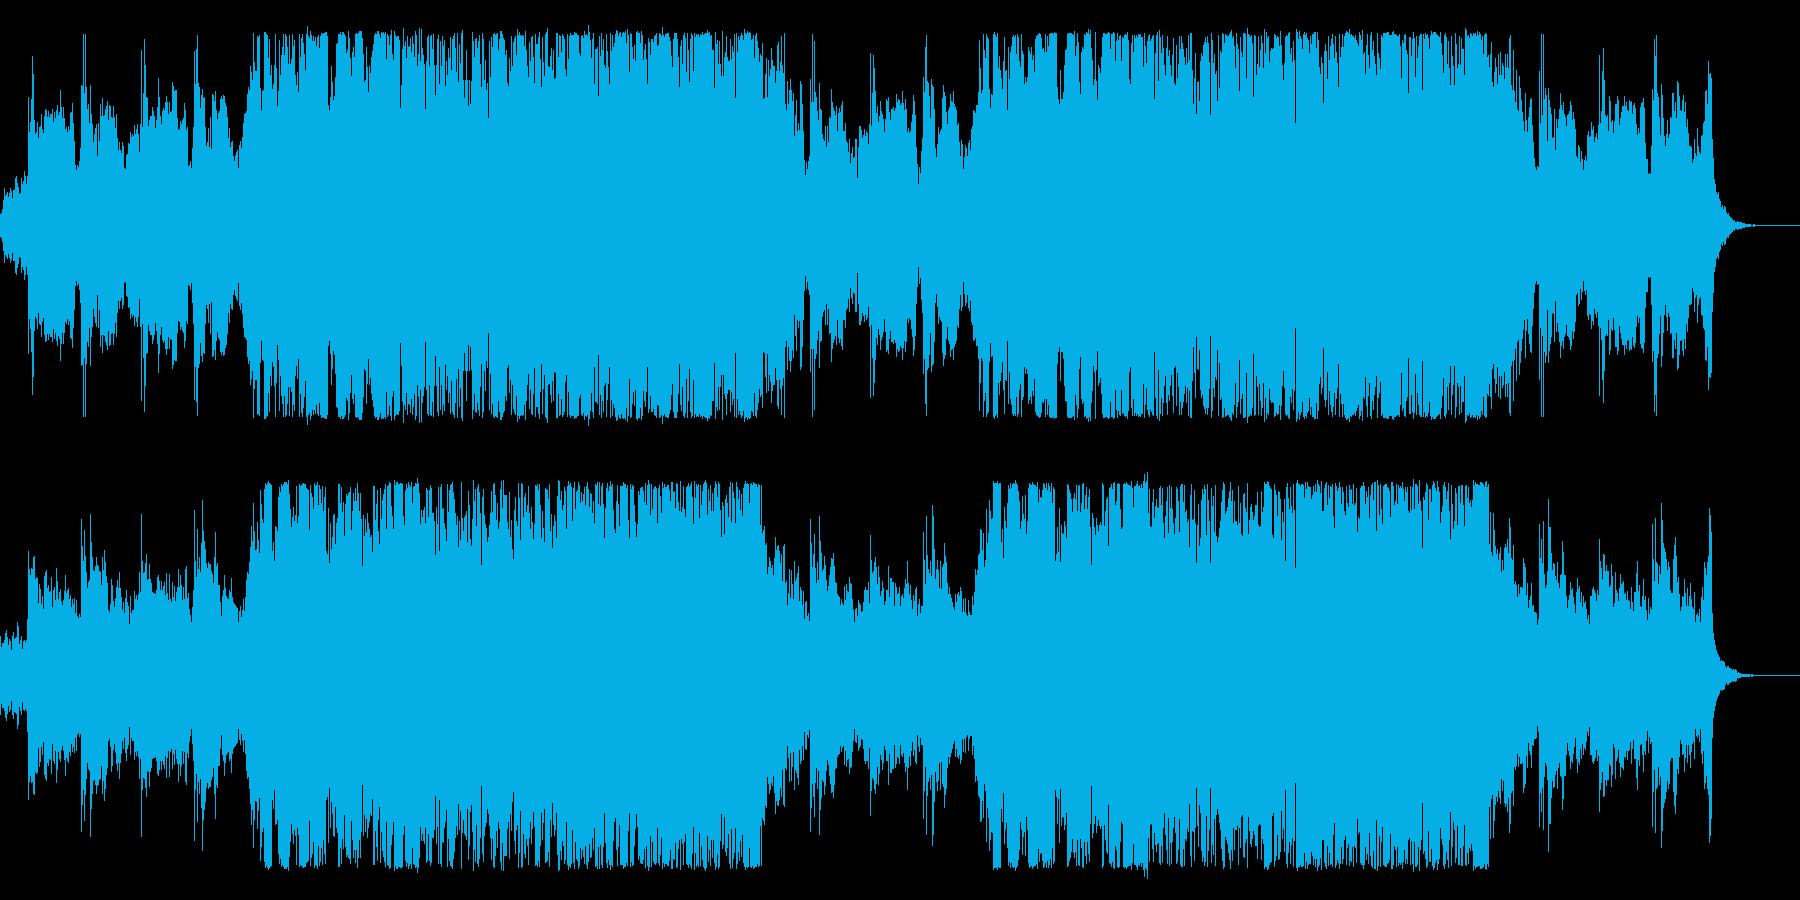 クラシックな音色にエレキが乱入してカオスの再生済みの波形